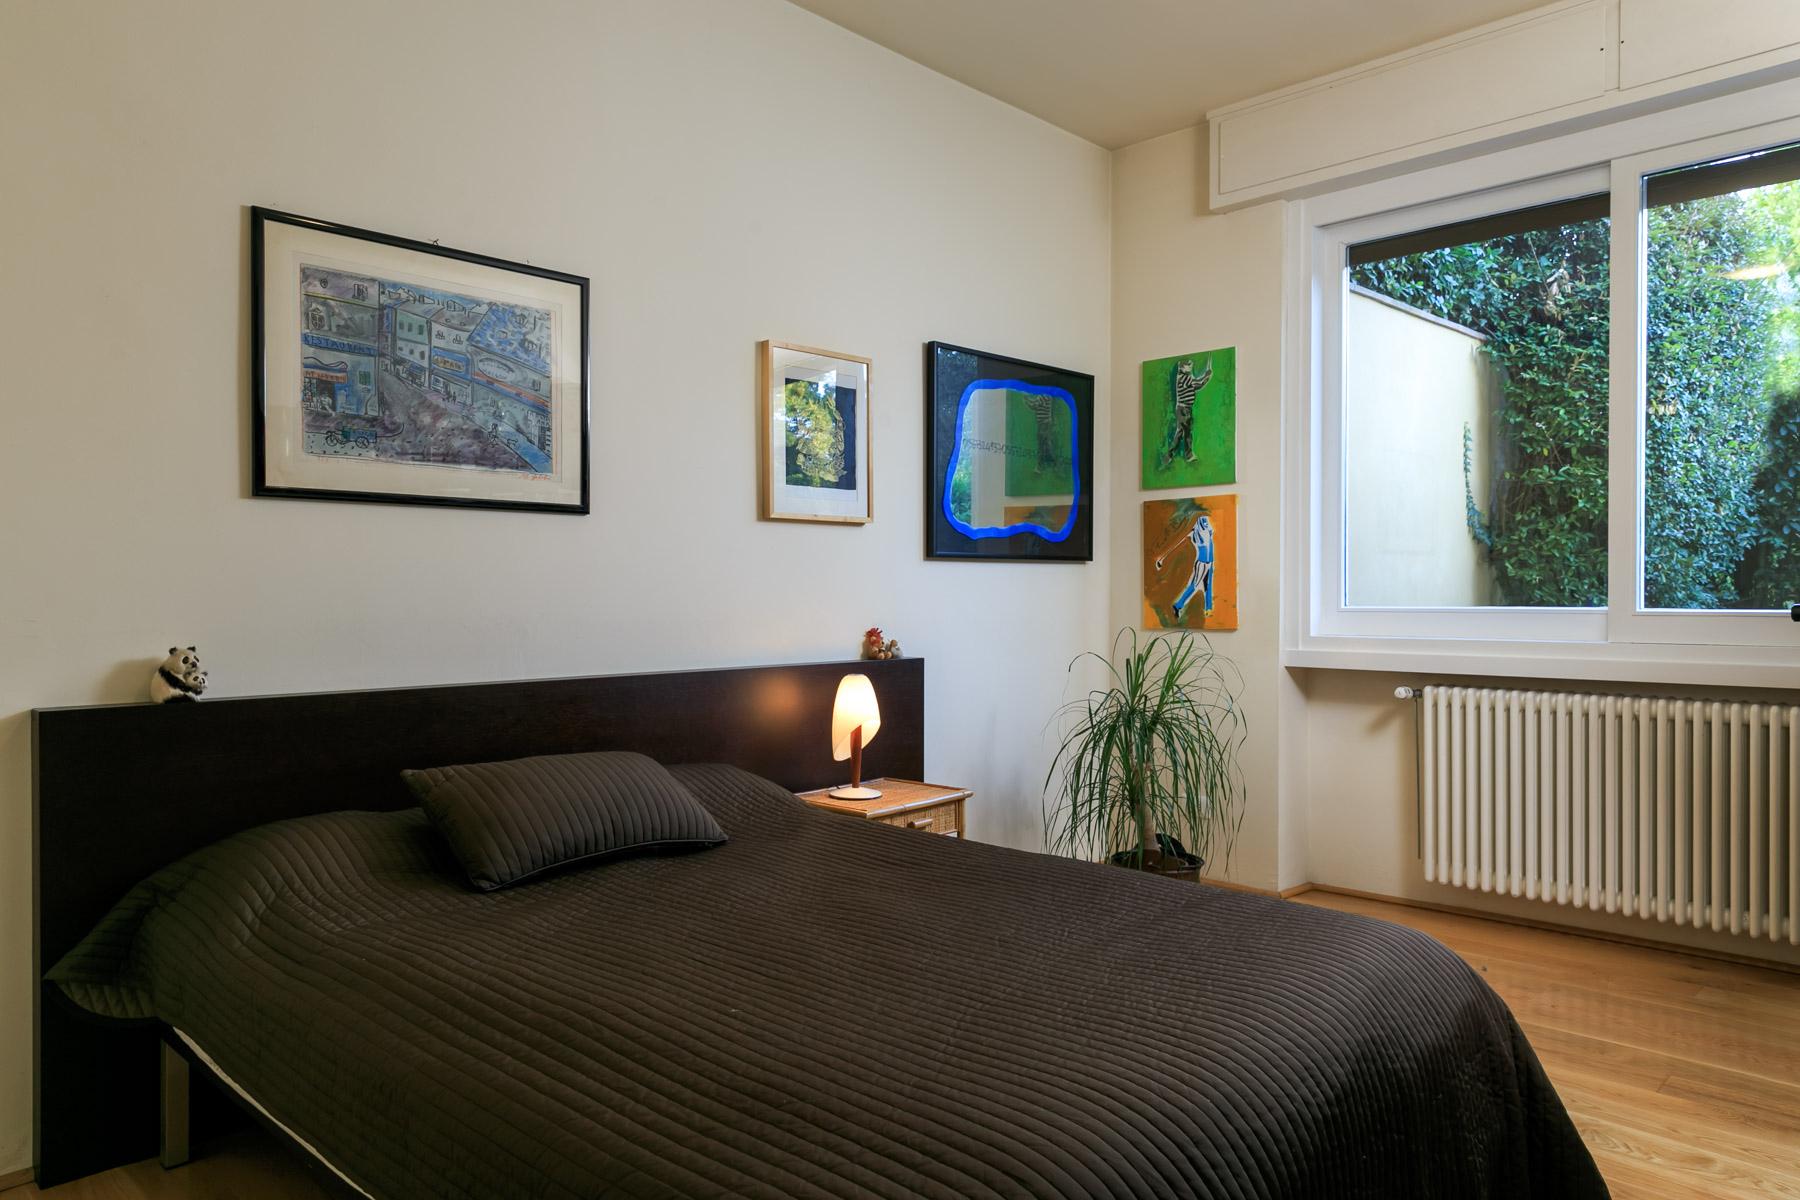 Casa indipendente in Vendita a Impruneta: 5 locali, 300 mq - Foto 11